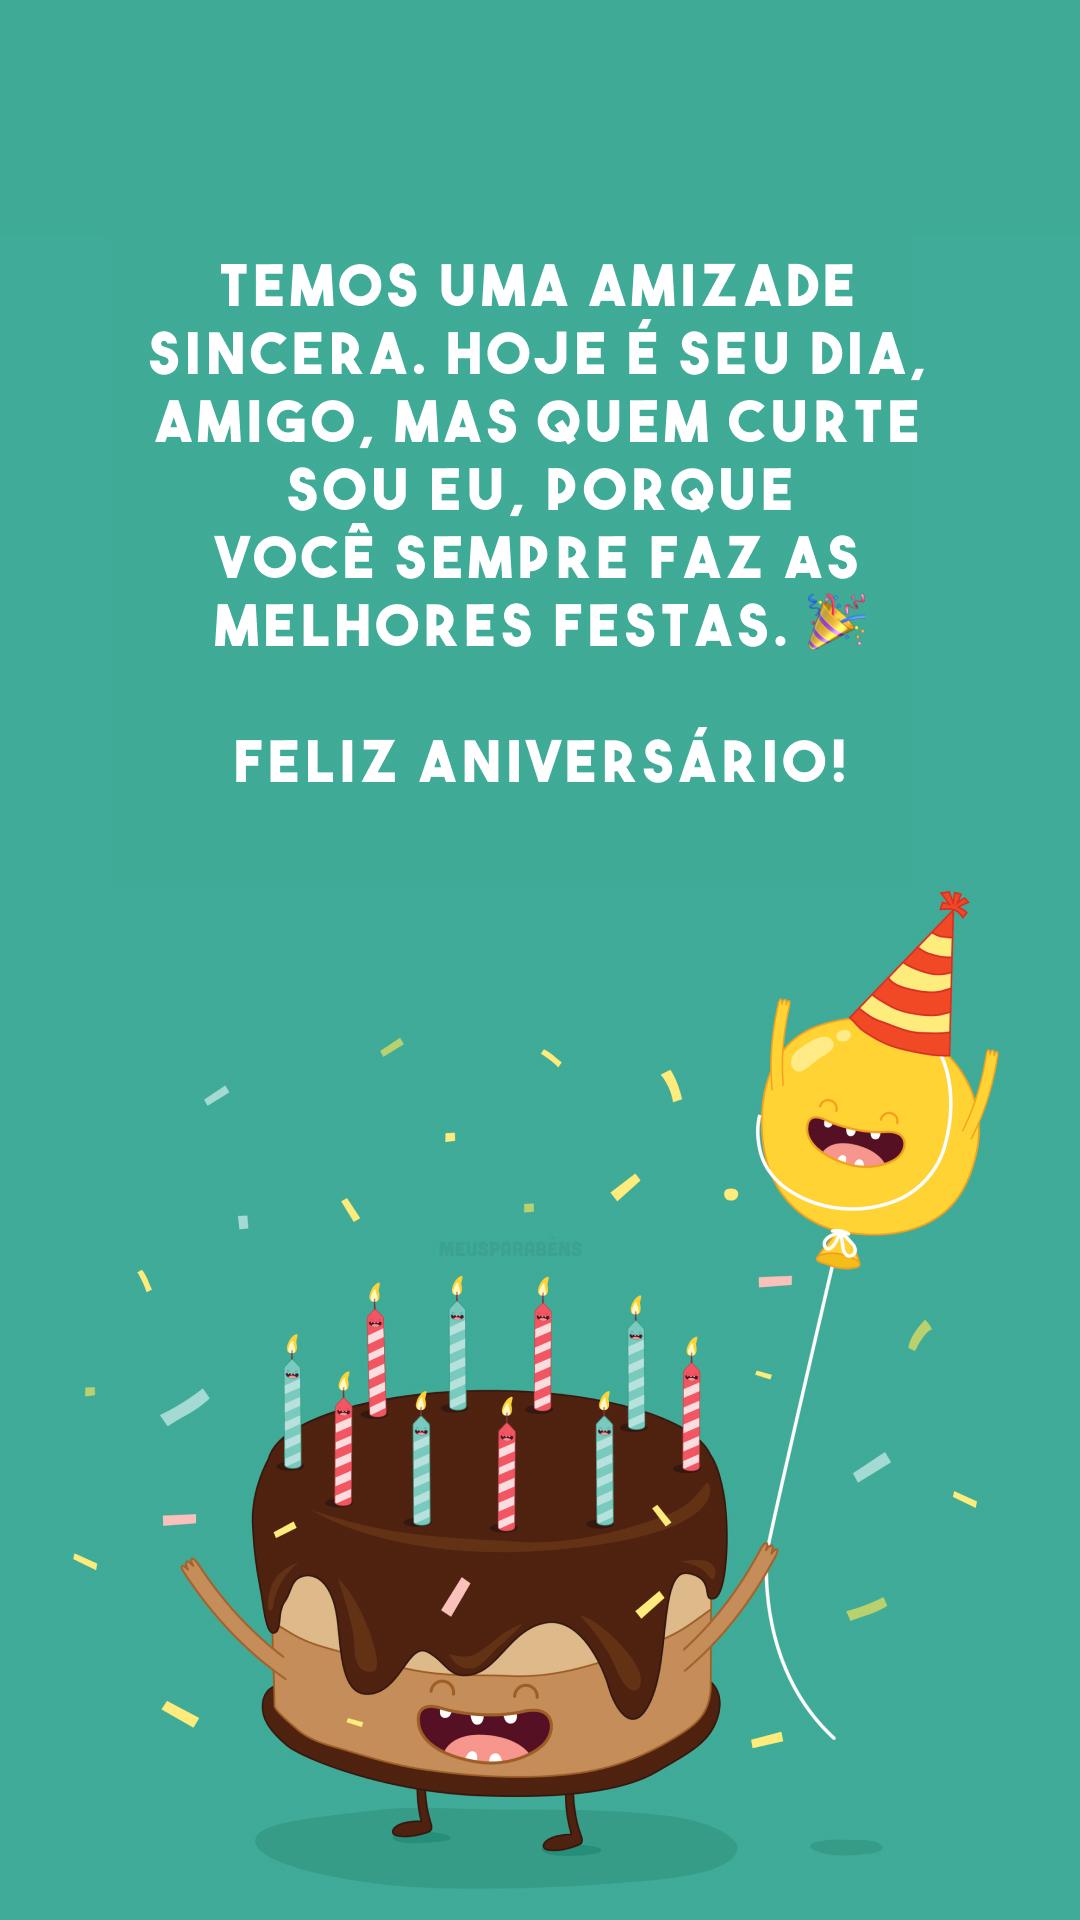 Temos uma amizade sincera. Hoje é seu dia, amigo, mas quem curte sou eu, porque você sempre faz as melhores festas. 🎉 Feliz aniversário!